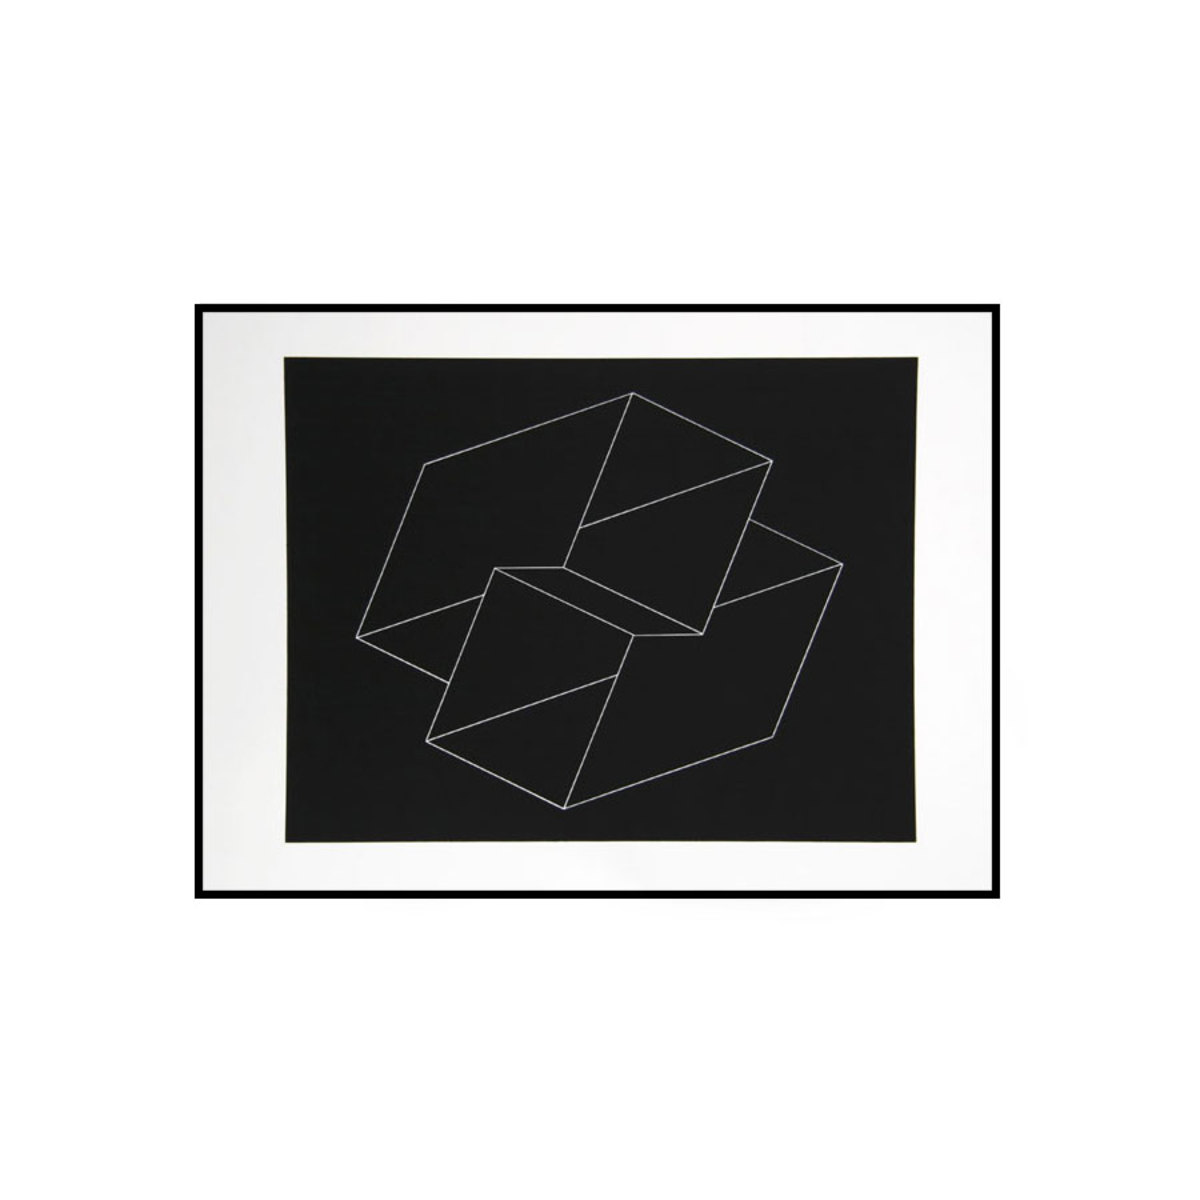 Josef-Albers-Formulation-Articulation-TRNK